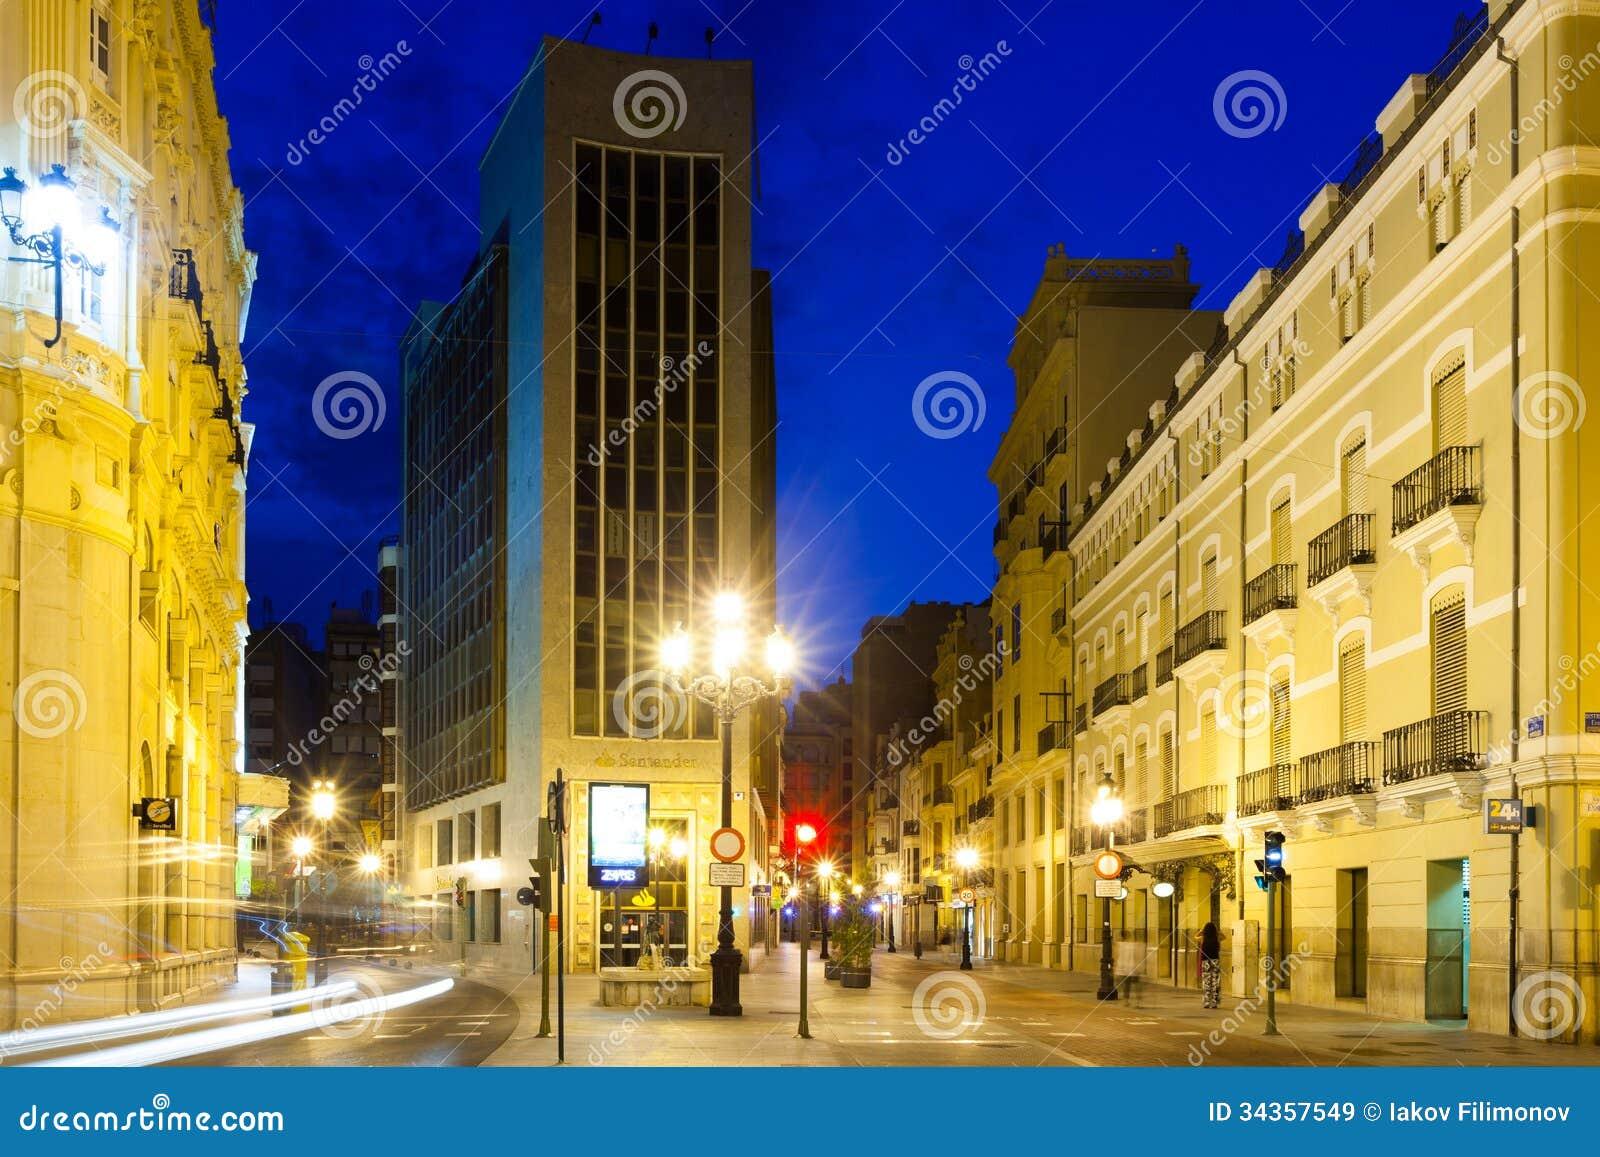 Commercial street in evening castellon de la plana - Muebles en castellon dela plana ...